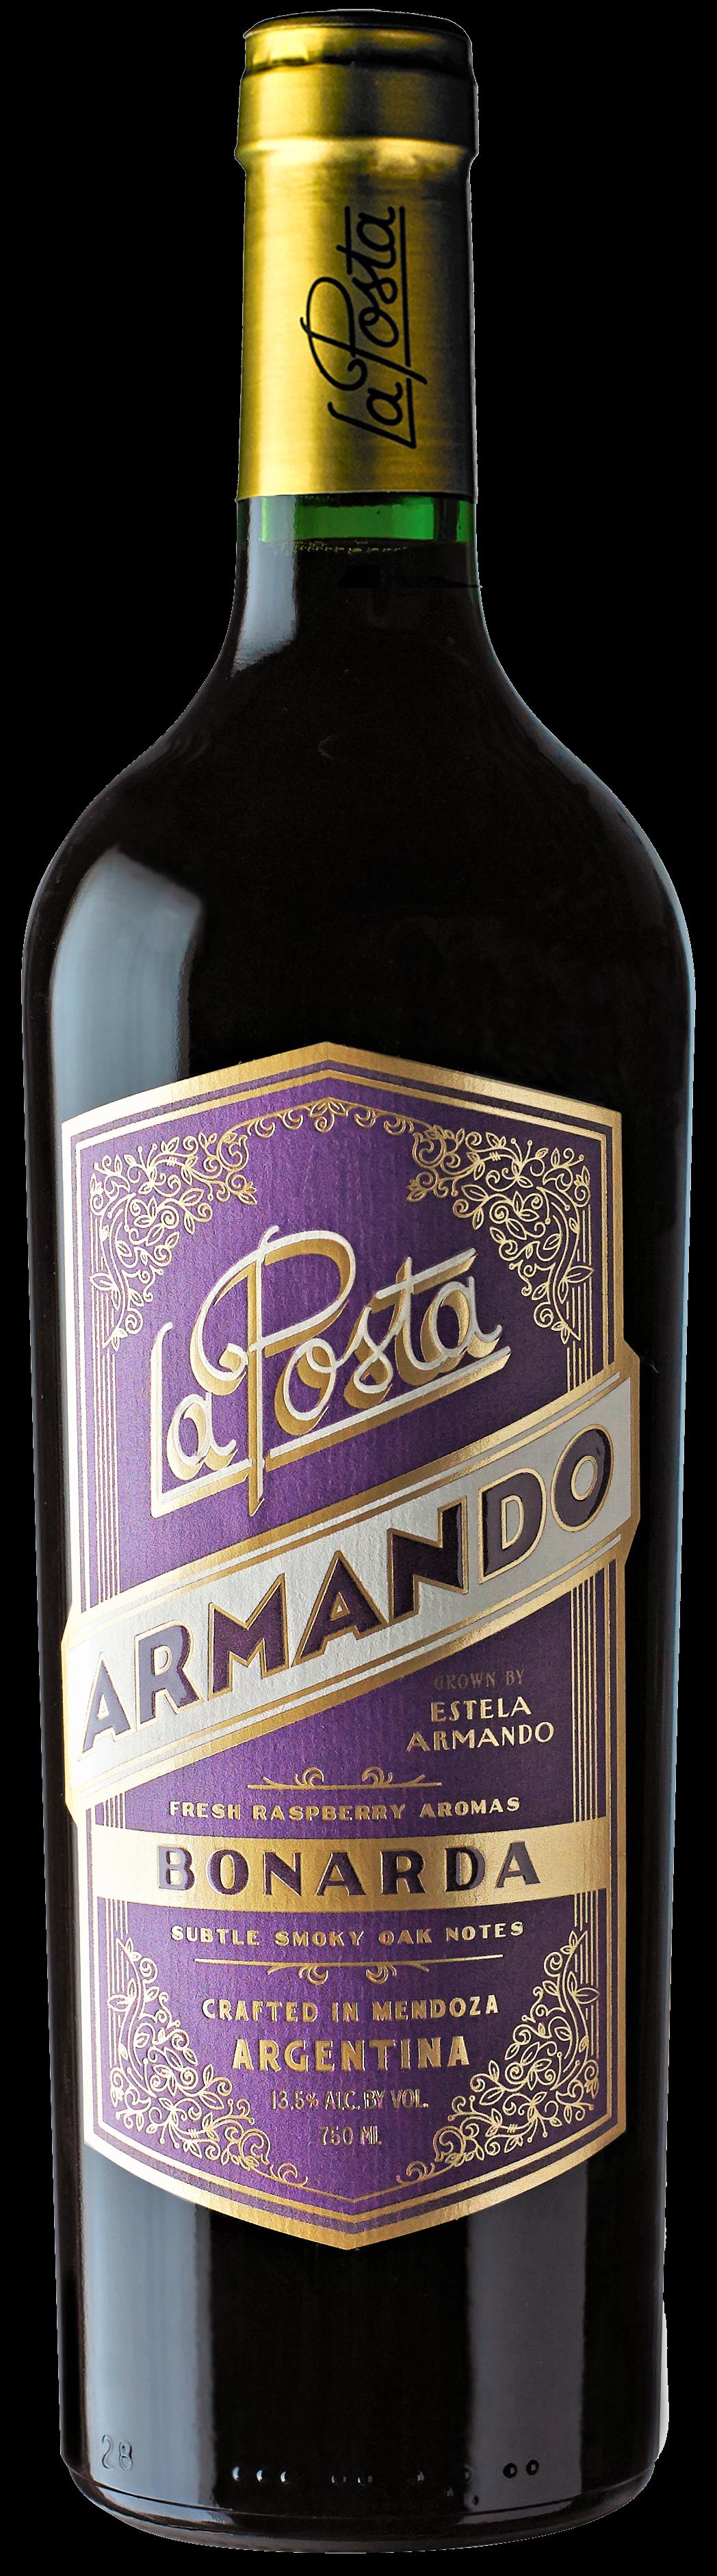 La Posta - Armando - Bonarda - 2015